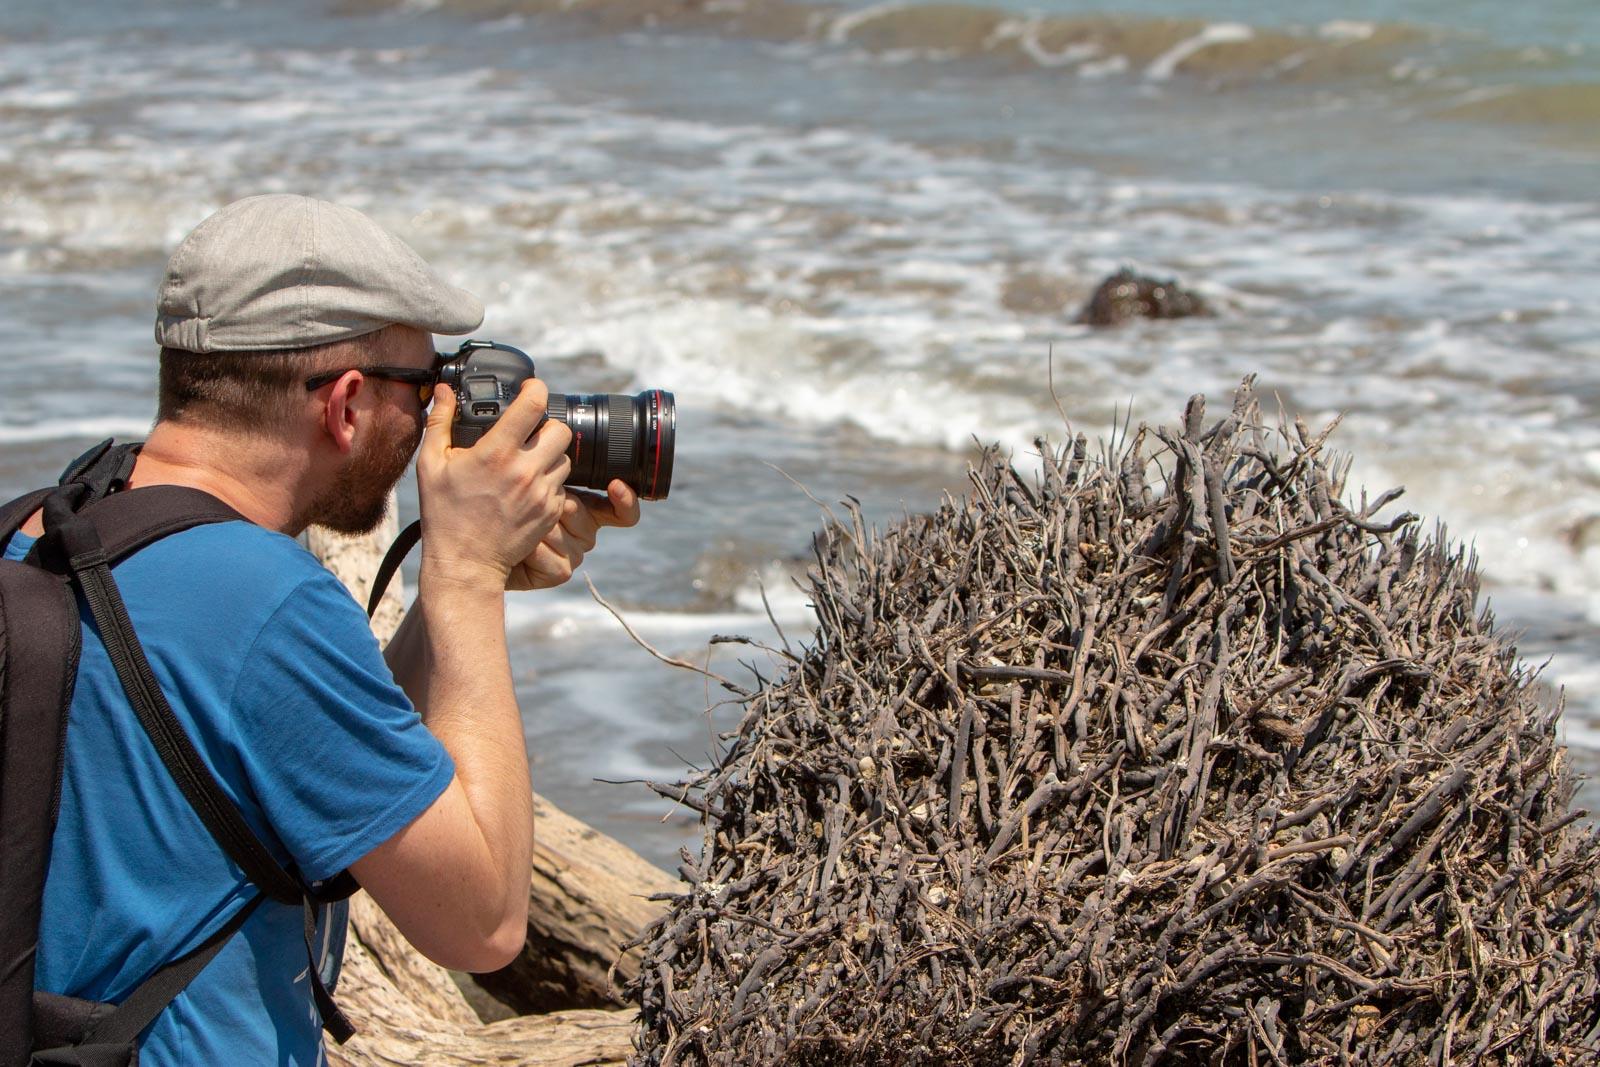 Redmar fotografeert het strand in Costa Rica